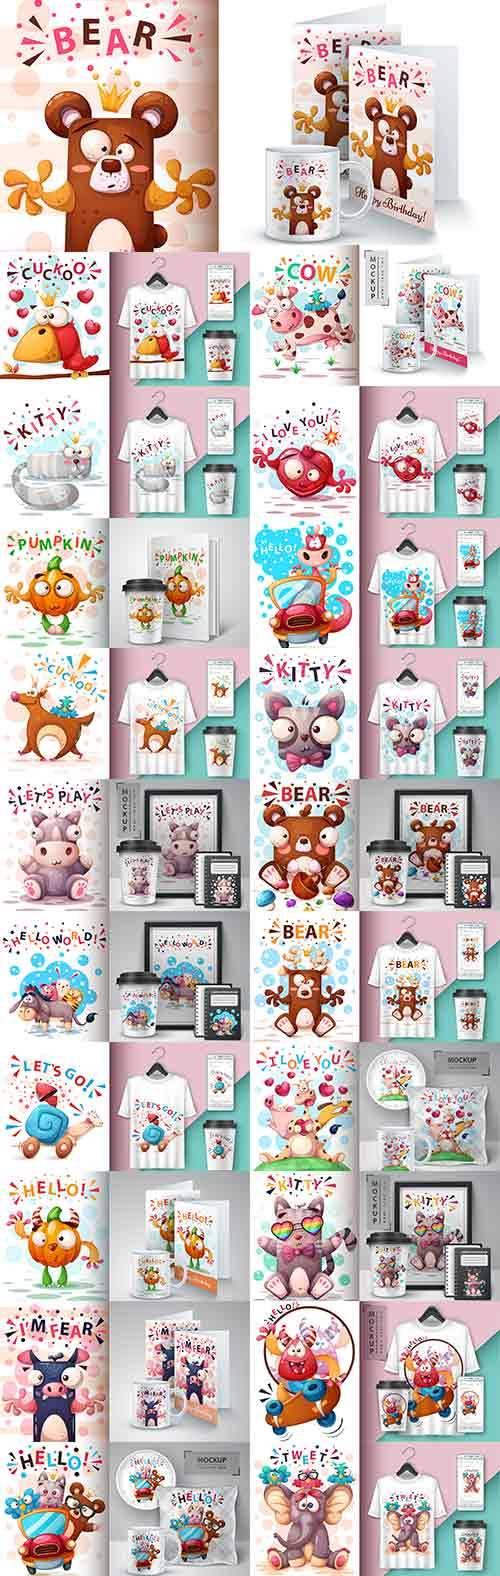 Фоны с забавными животными в векторе / Backgrounds with funny animals in ve ...